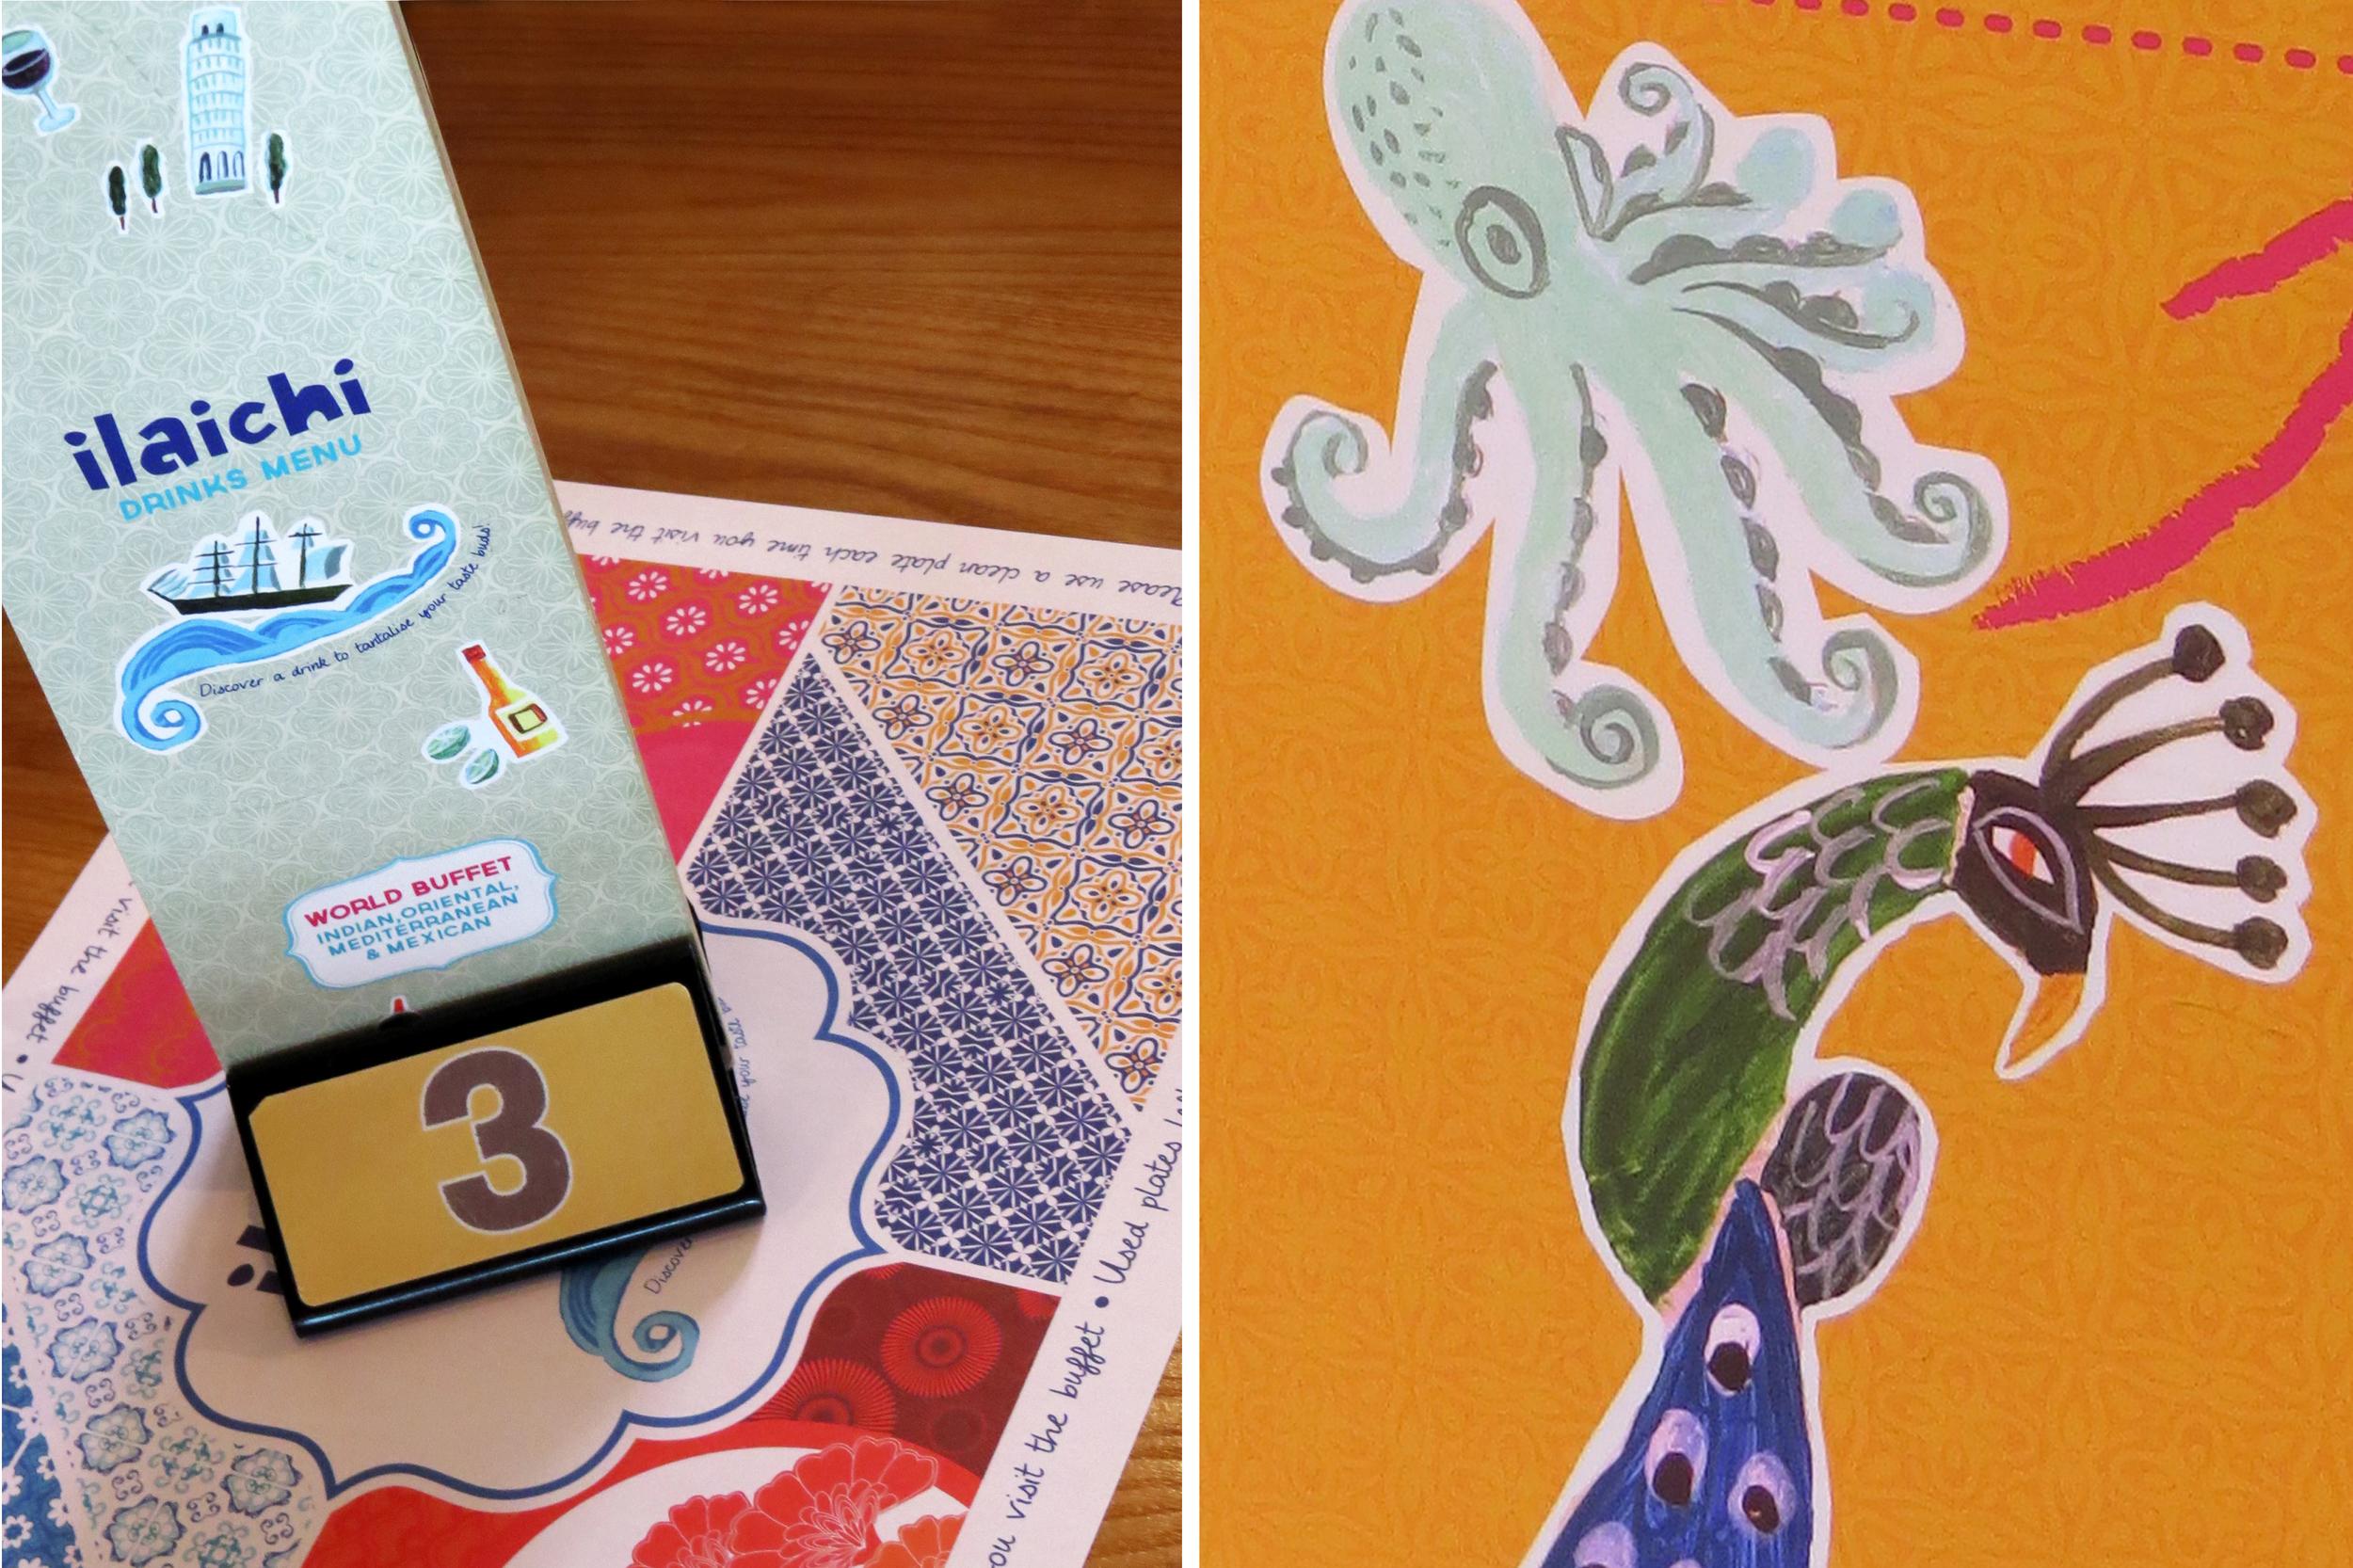 Salt Design Illachi restaurant interior design illustrated menu and map mural